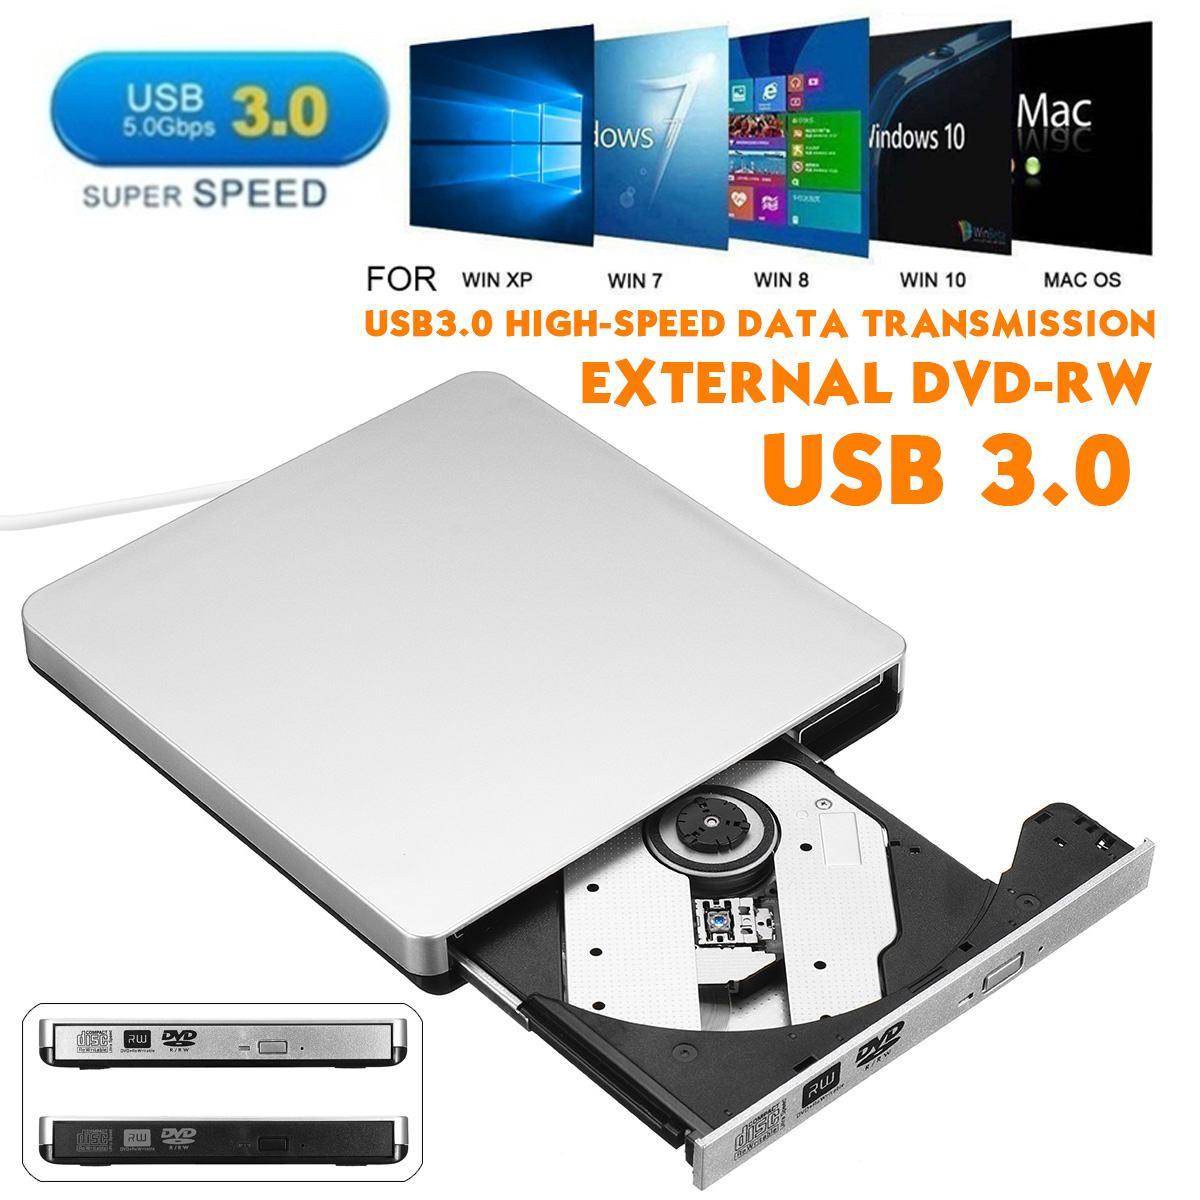 مشغل أقراص DVD/CD RW خارجي بسعة 2 ميجابايت ، وكاتب أقراص مضغوطة ، ومحرك أقراص كربون رفيع ، ومحرك أقراص ضوئية للكمبيوتر الشخصي والكمبيوتر المحمول